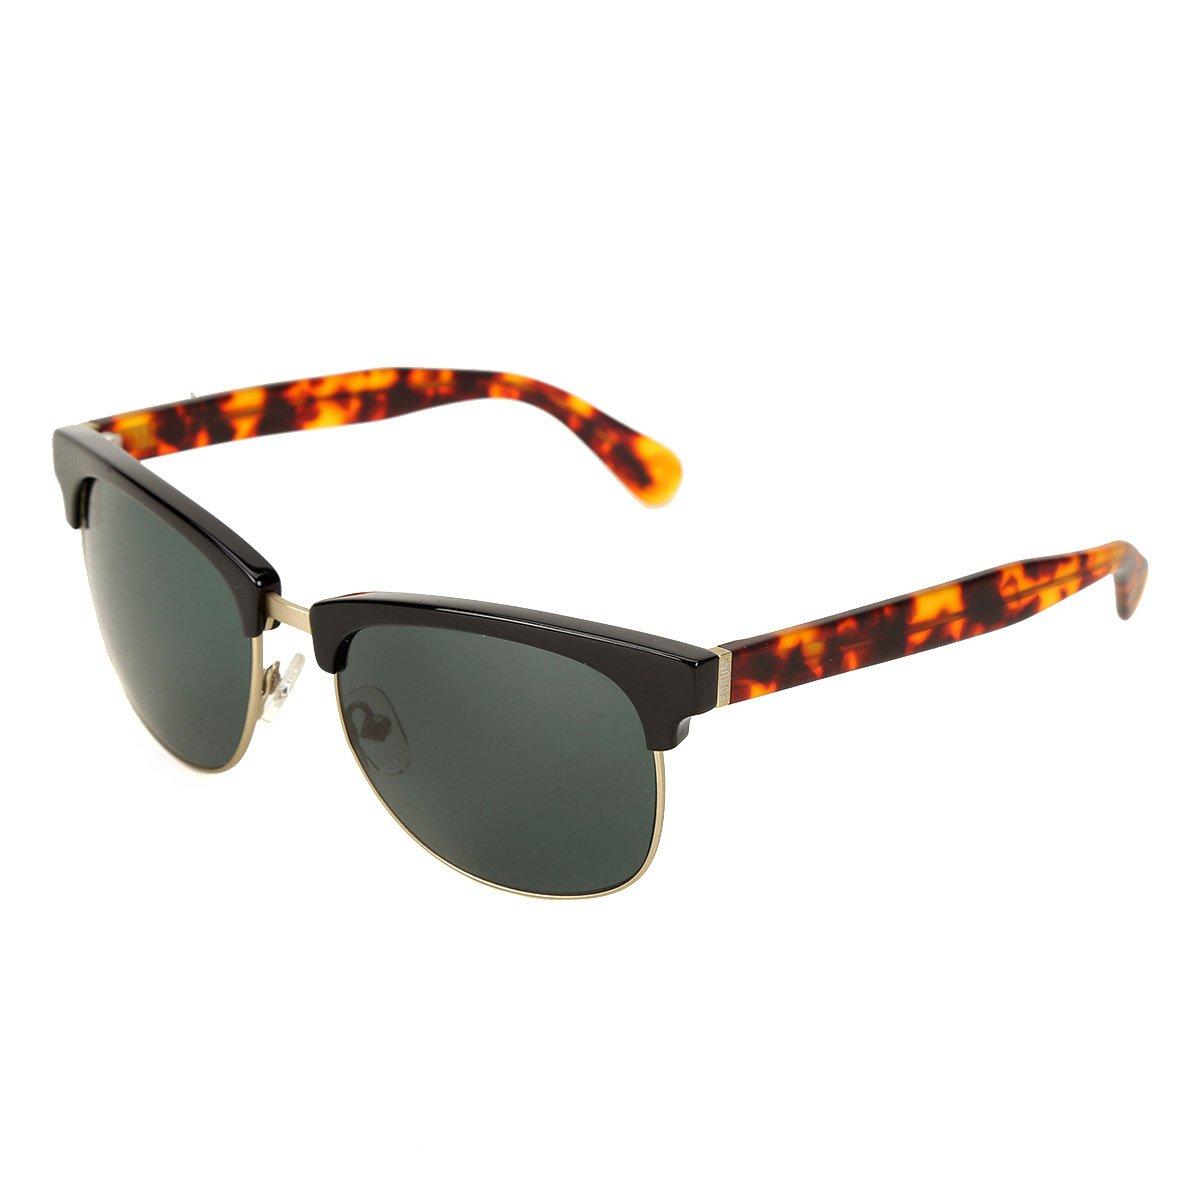 92f3455fb89e5 Óculos de Sol Forum Tartaruga Feminino - Compre Agora